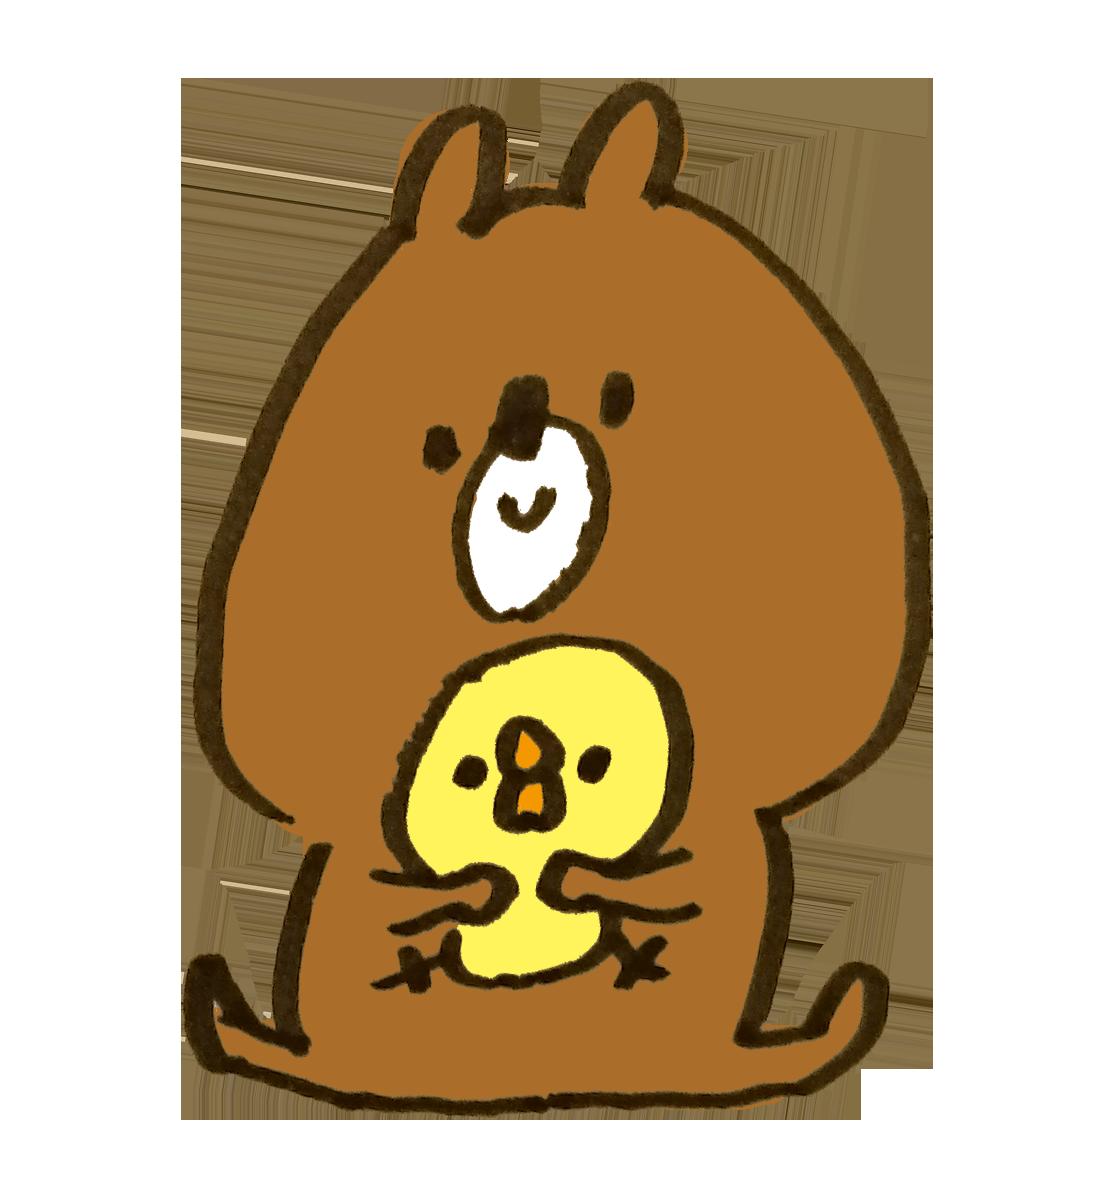 ひよこを抱く熊